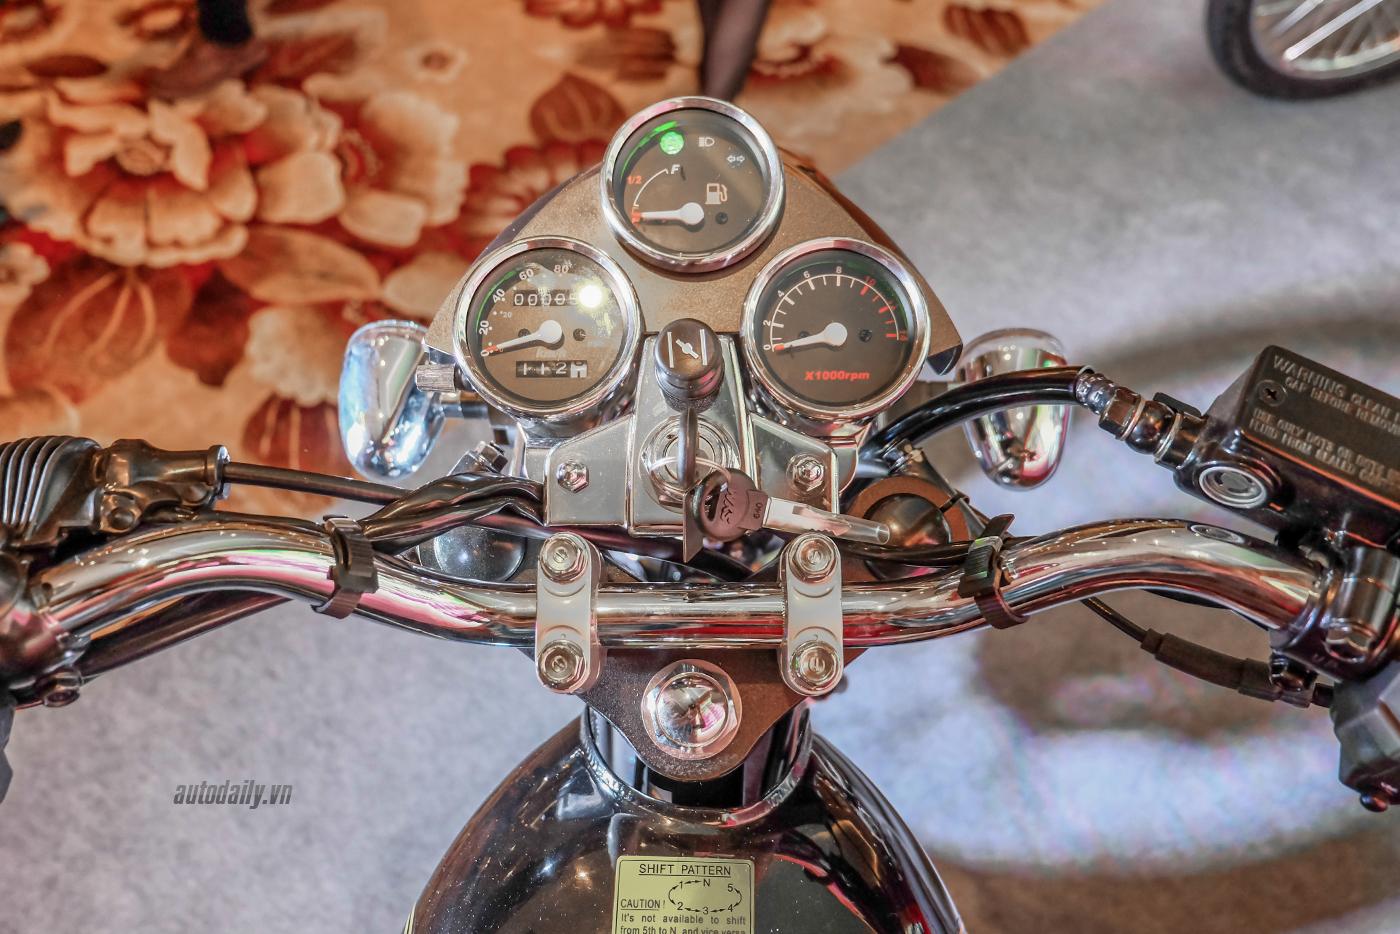 sym-husky-125-classic-5.jpg